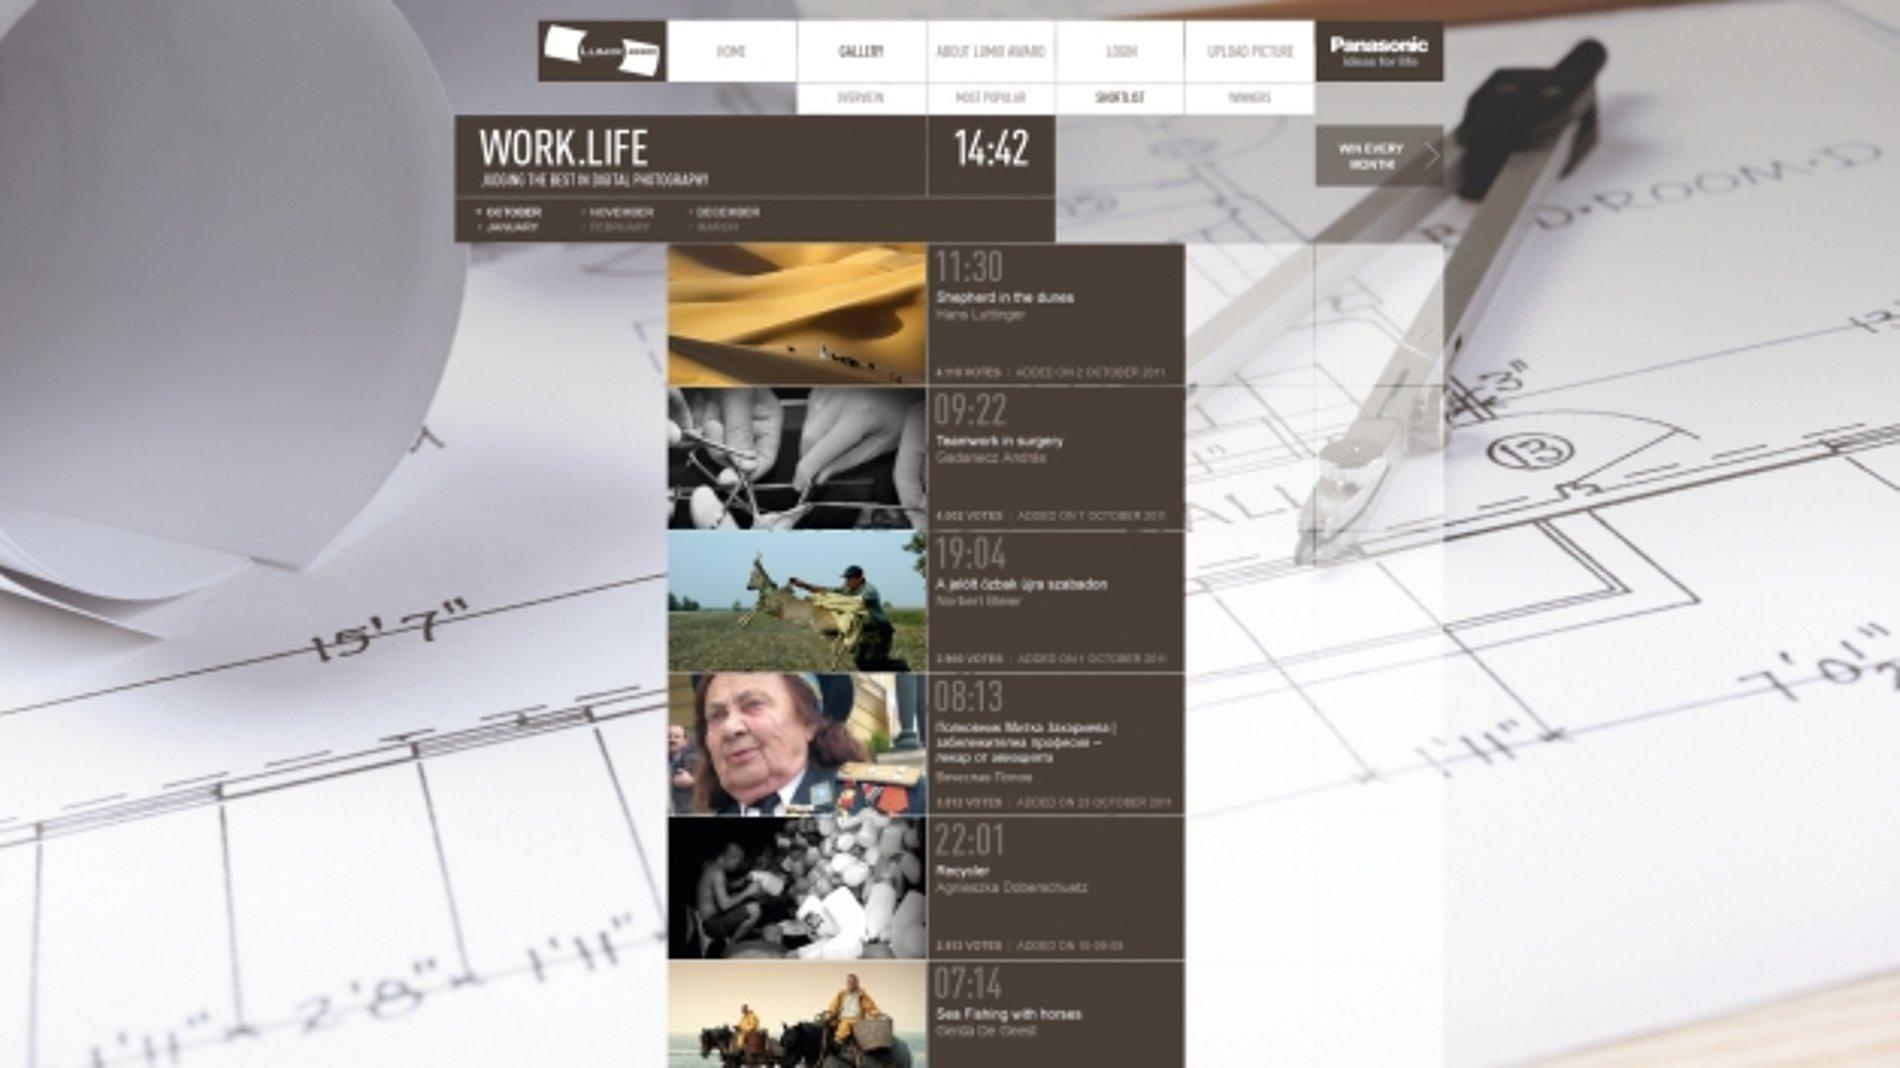 Work.Life – Panasonic LUMIX Award 2010 | Red Dot Design Award